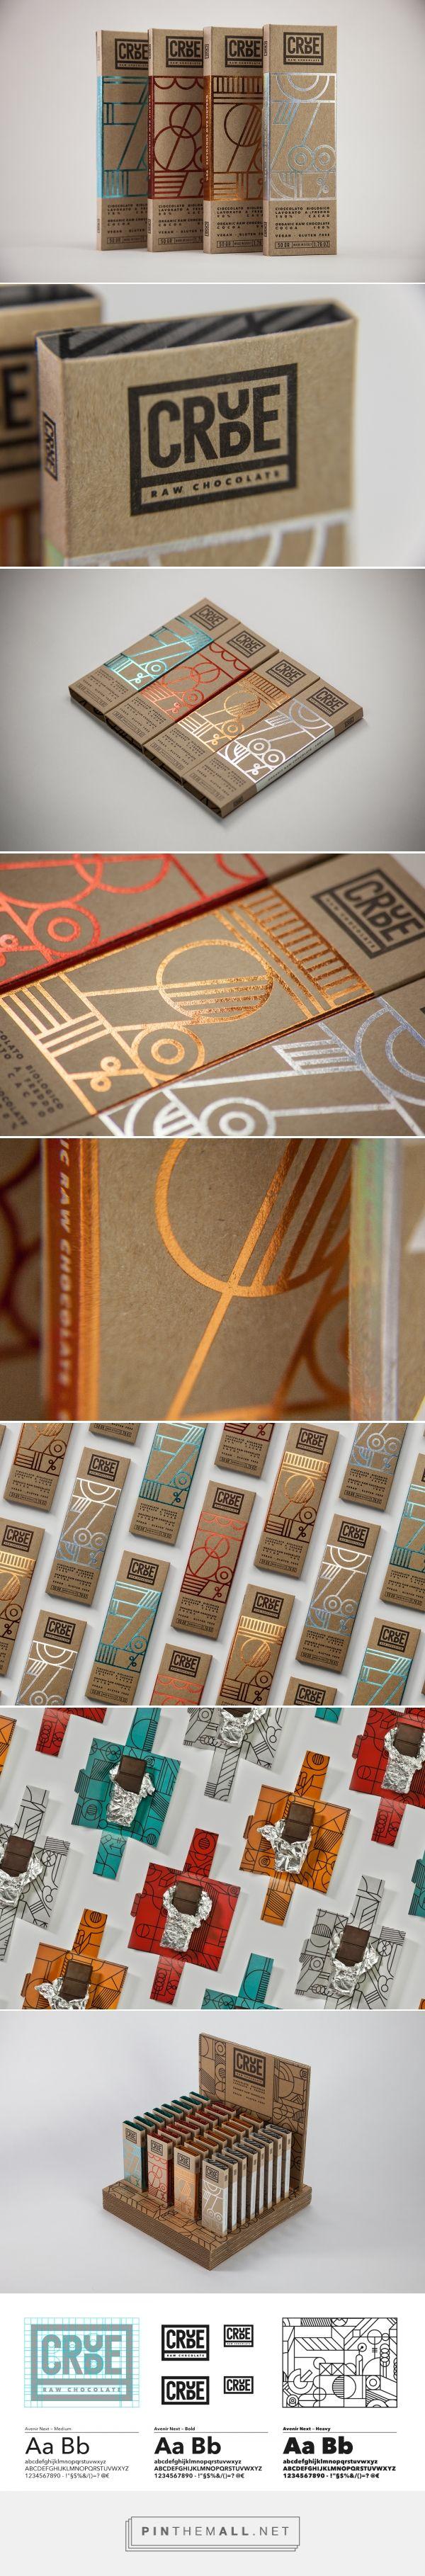 etiquettoo.com-Impression étiquettes-etiquettes-etiquettoo.com - ETIQUETTOO.COM-étiquettes adhésives-étiquettes publicitaires-étiquettes commerciales-étiquettes produits-étiquettes d'information-étiquettes imprimées - etiquette adhesive - étiquette autocollante